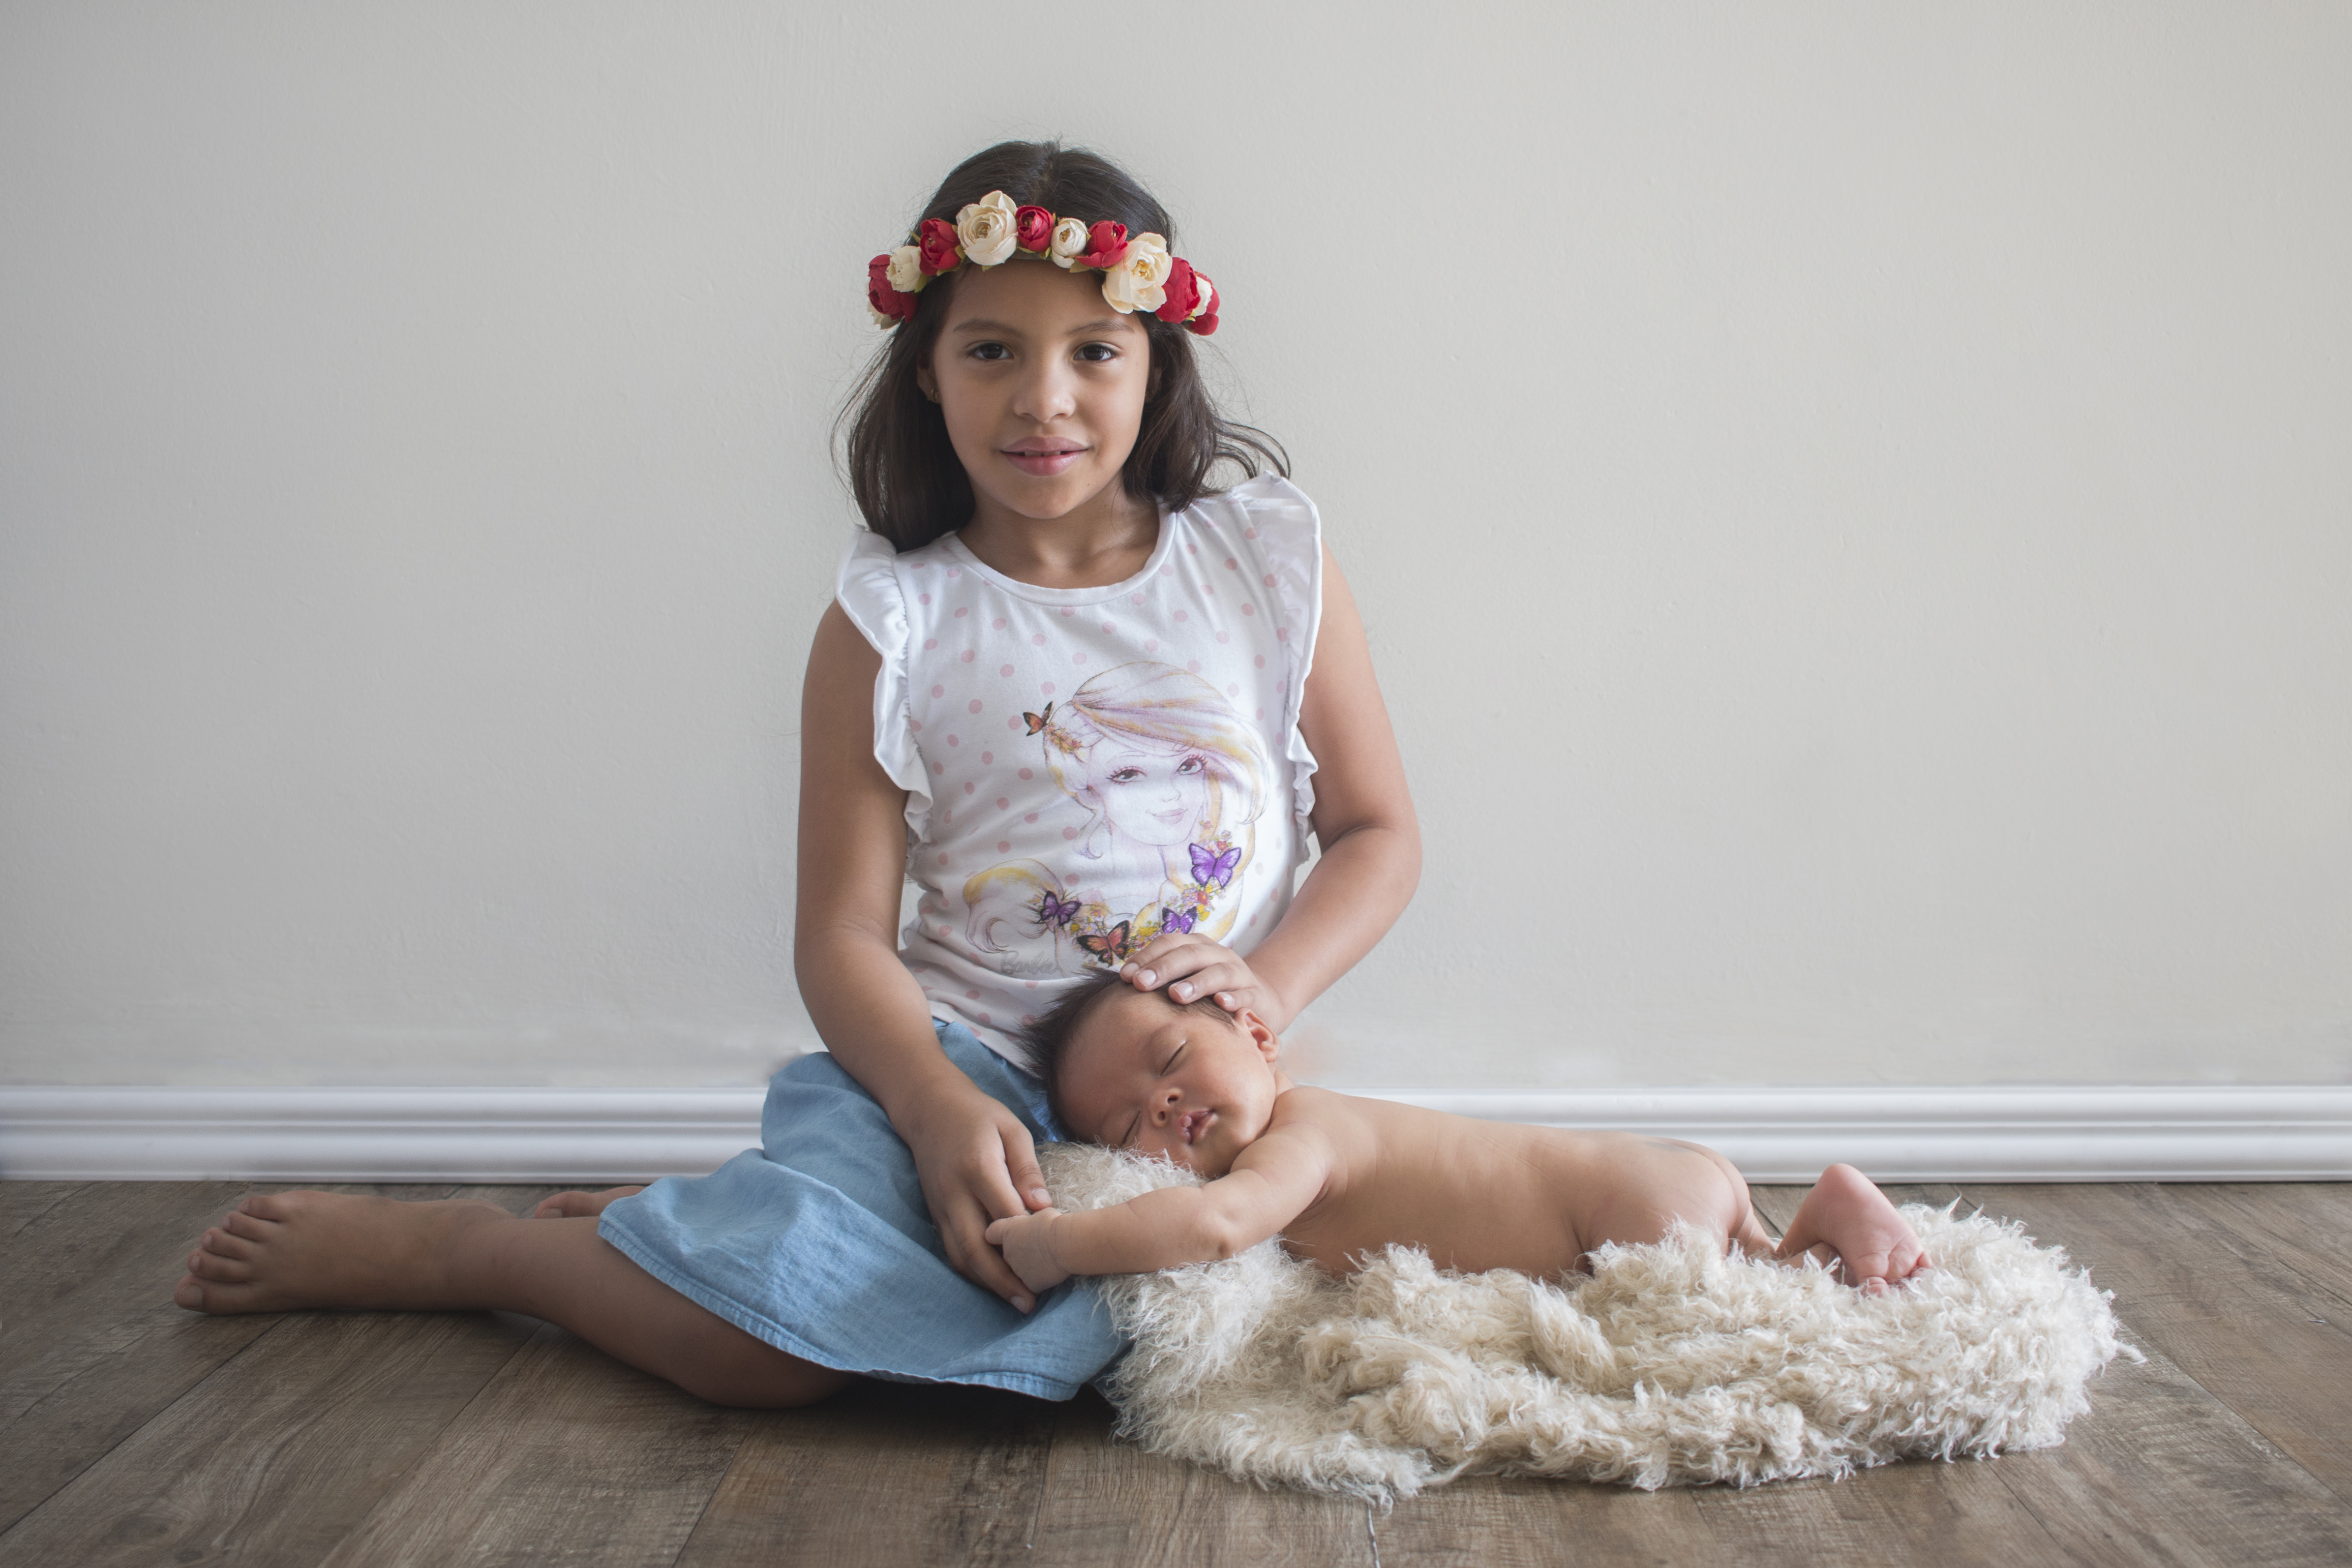 sesiones de fotos para bebes, sesion de fotos para bebes, fotografia newborn, imagen28